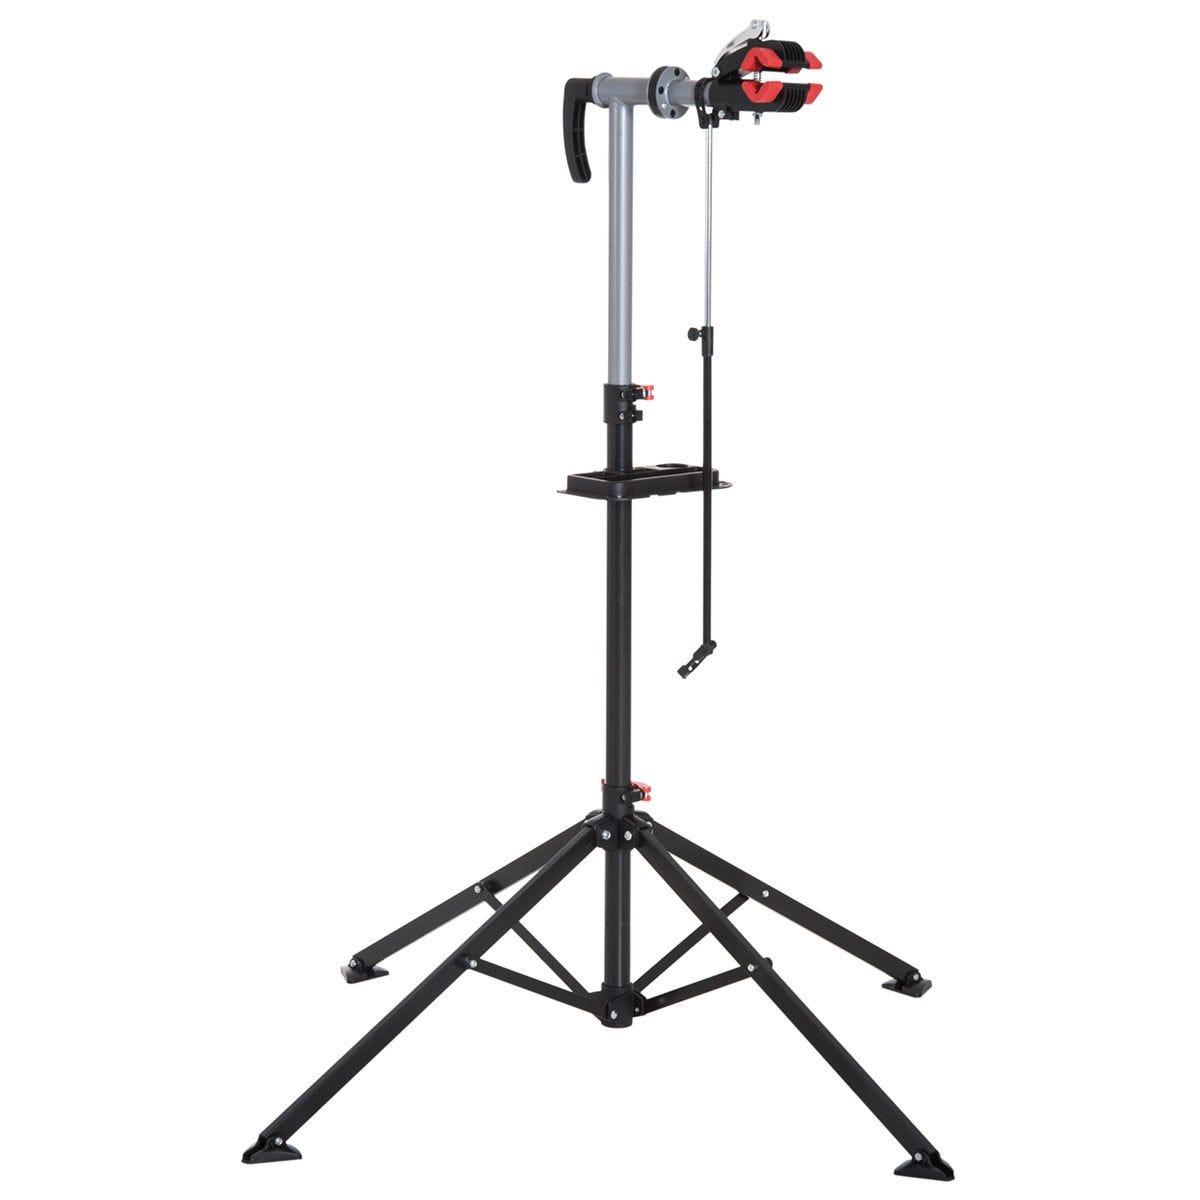 HOMCOM Adjustable Bicycle Repair Stand - Black